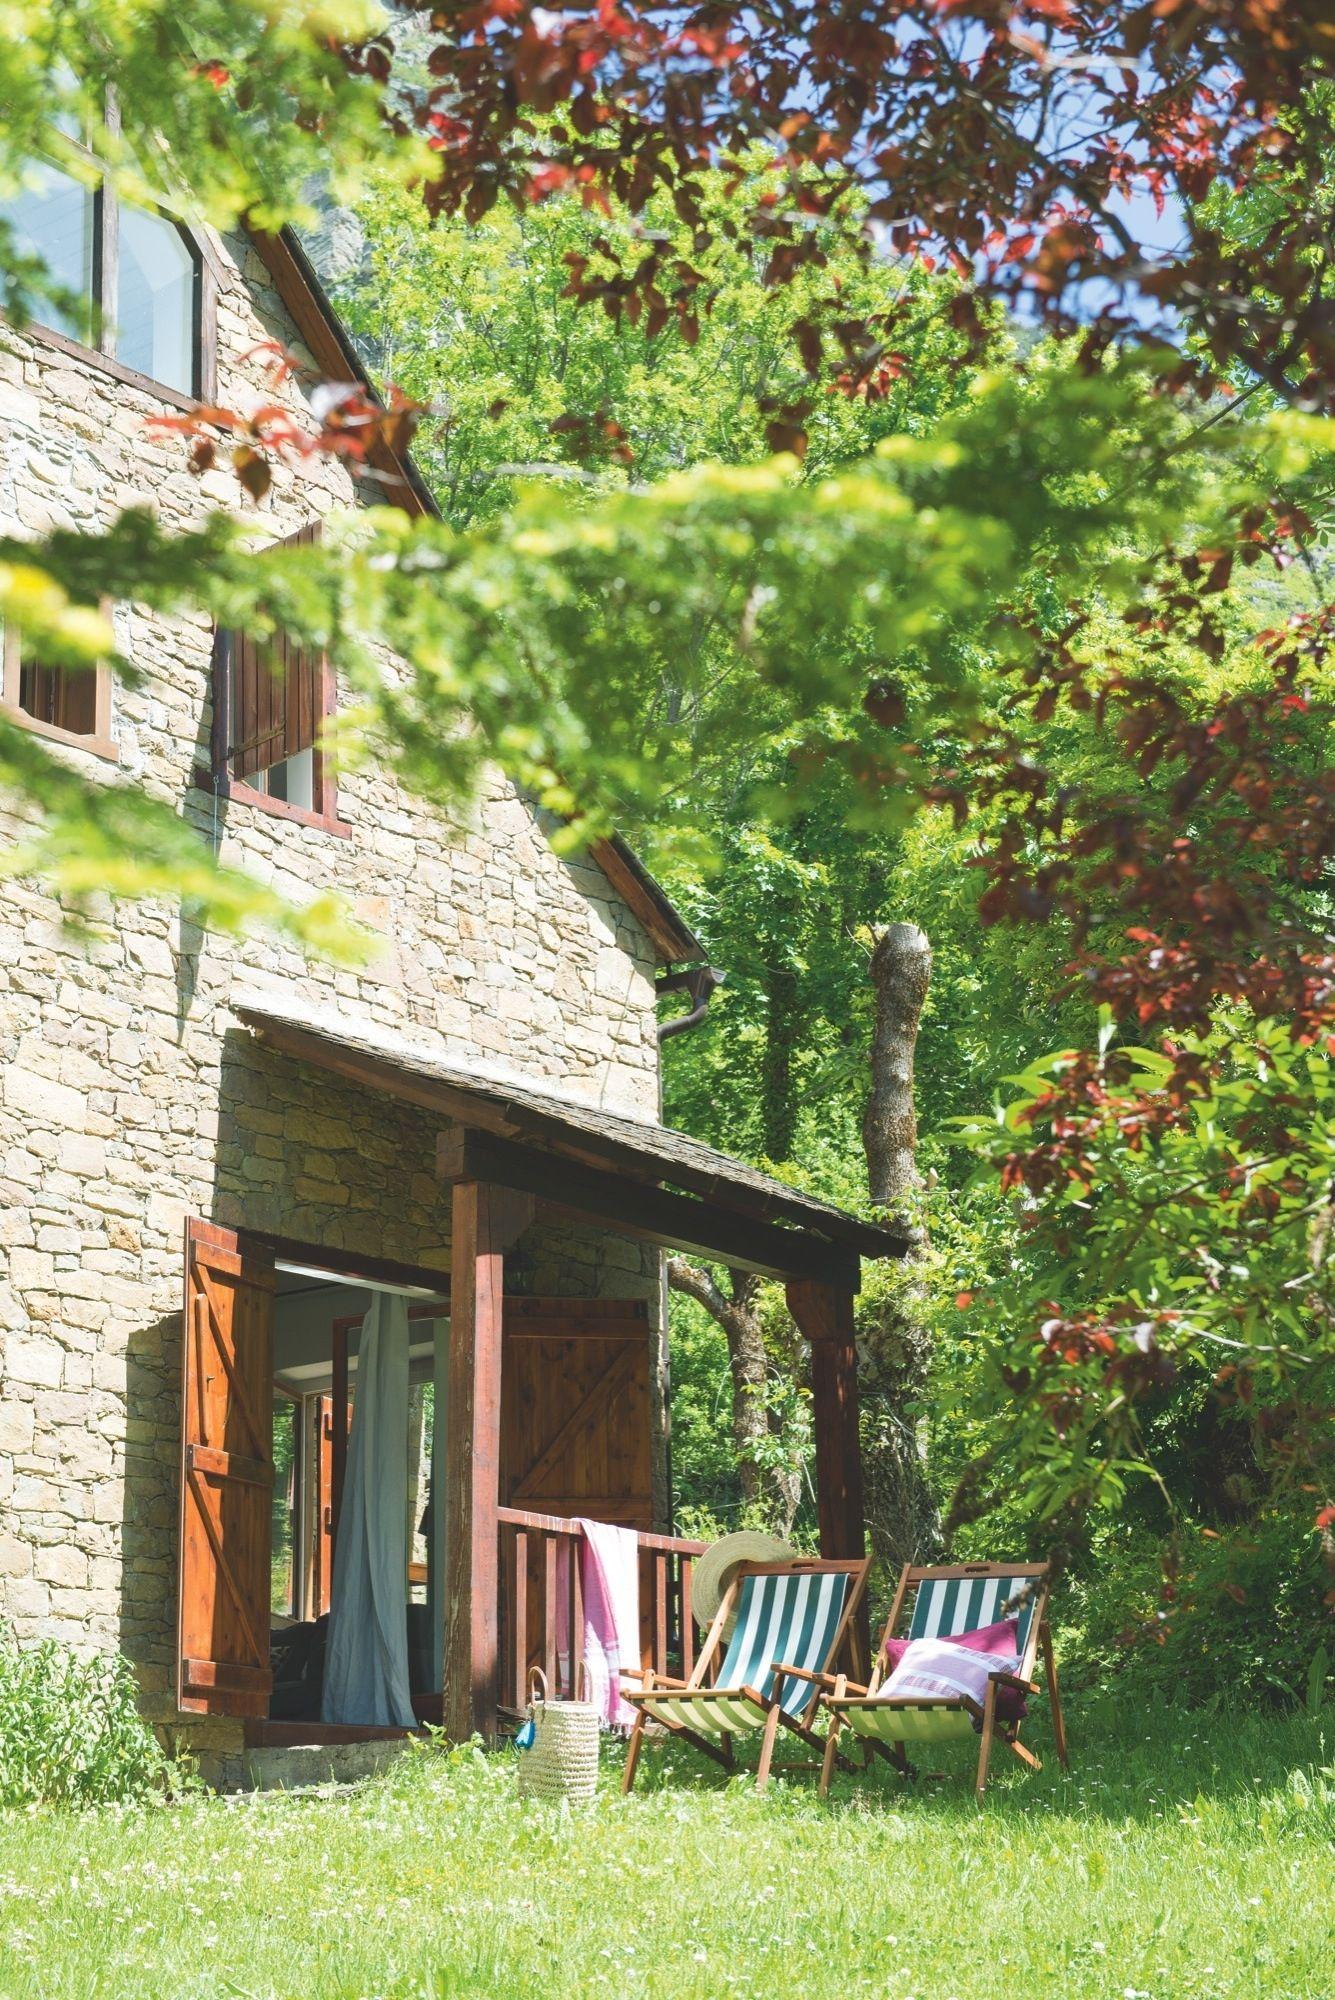 Apartamento Eth Pui en Unha, vista exterior